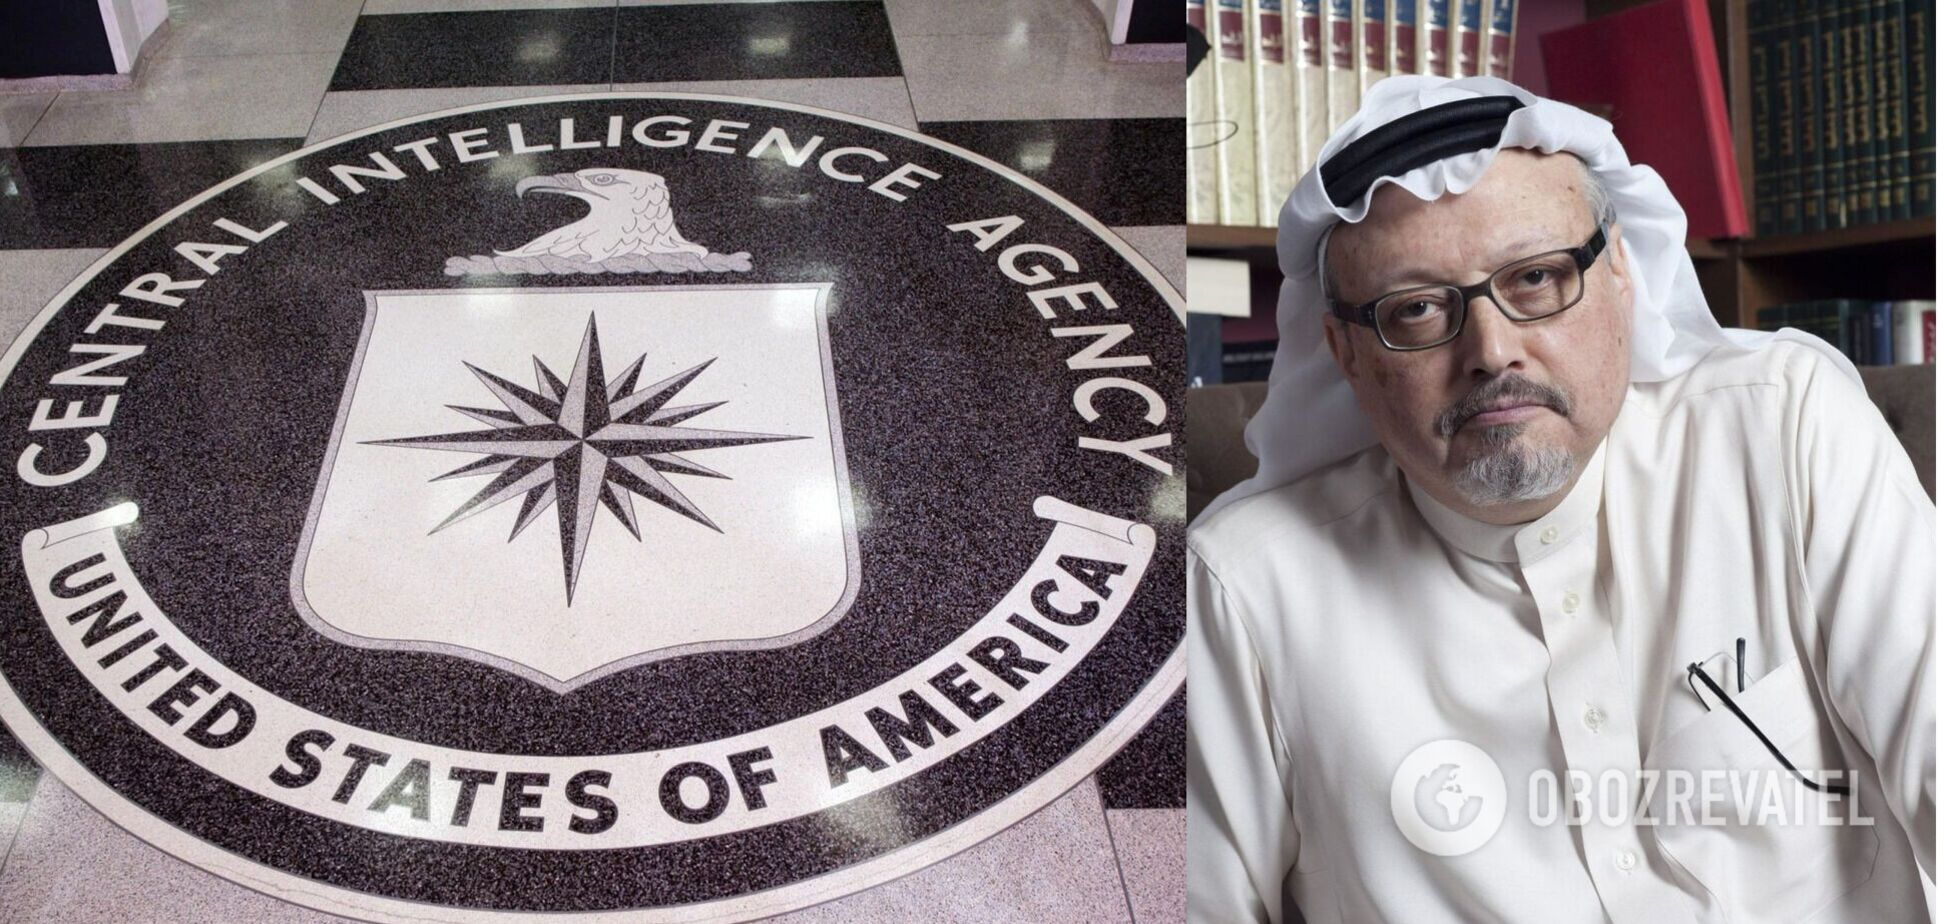 ЦРУ: вбивство журналіста Хашоггі схвалив принц Саудівської Аравії